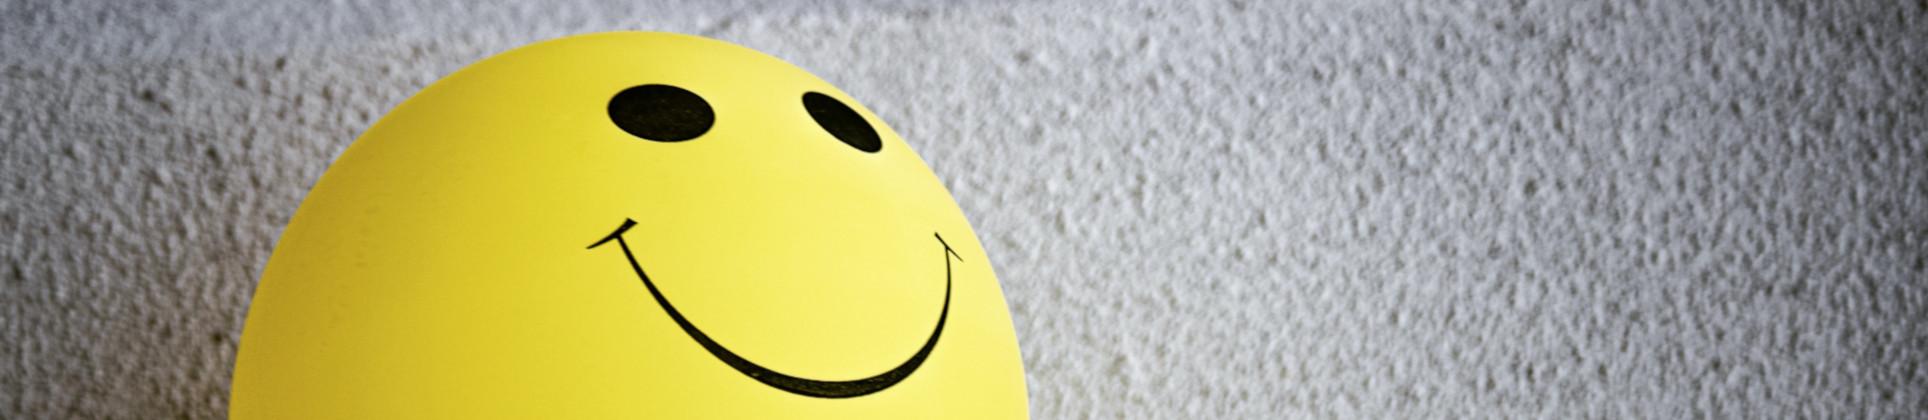 Das Persona-Konzept: Wer sind unsere Kunden?